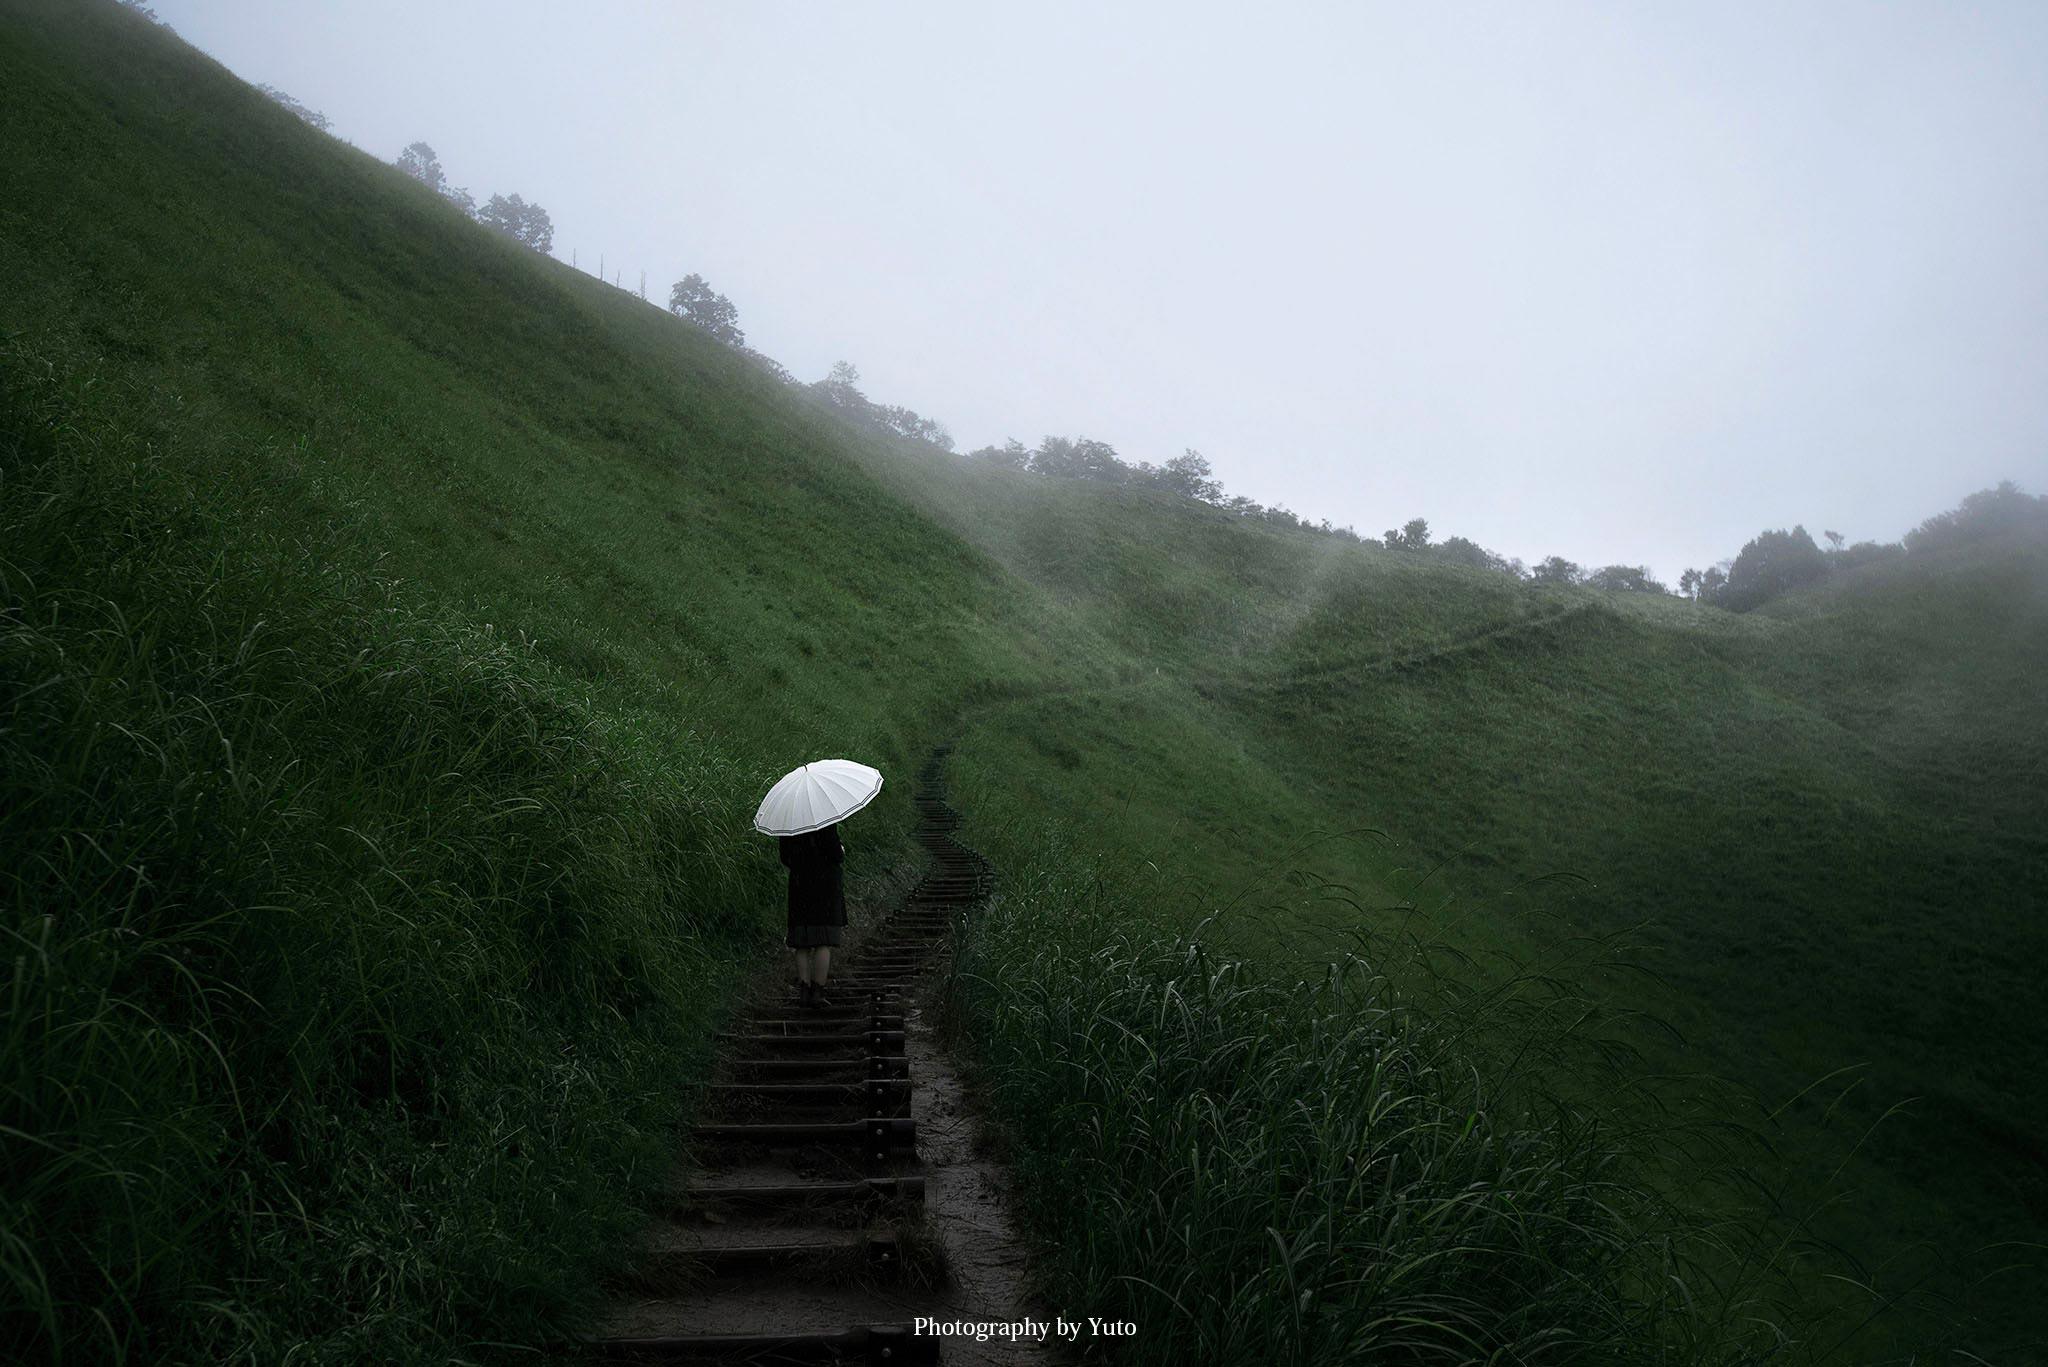 雨の日の曽爾高原を満喫してきた